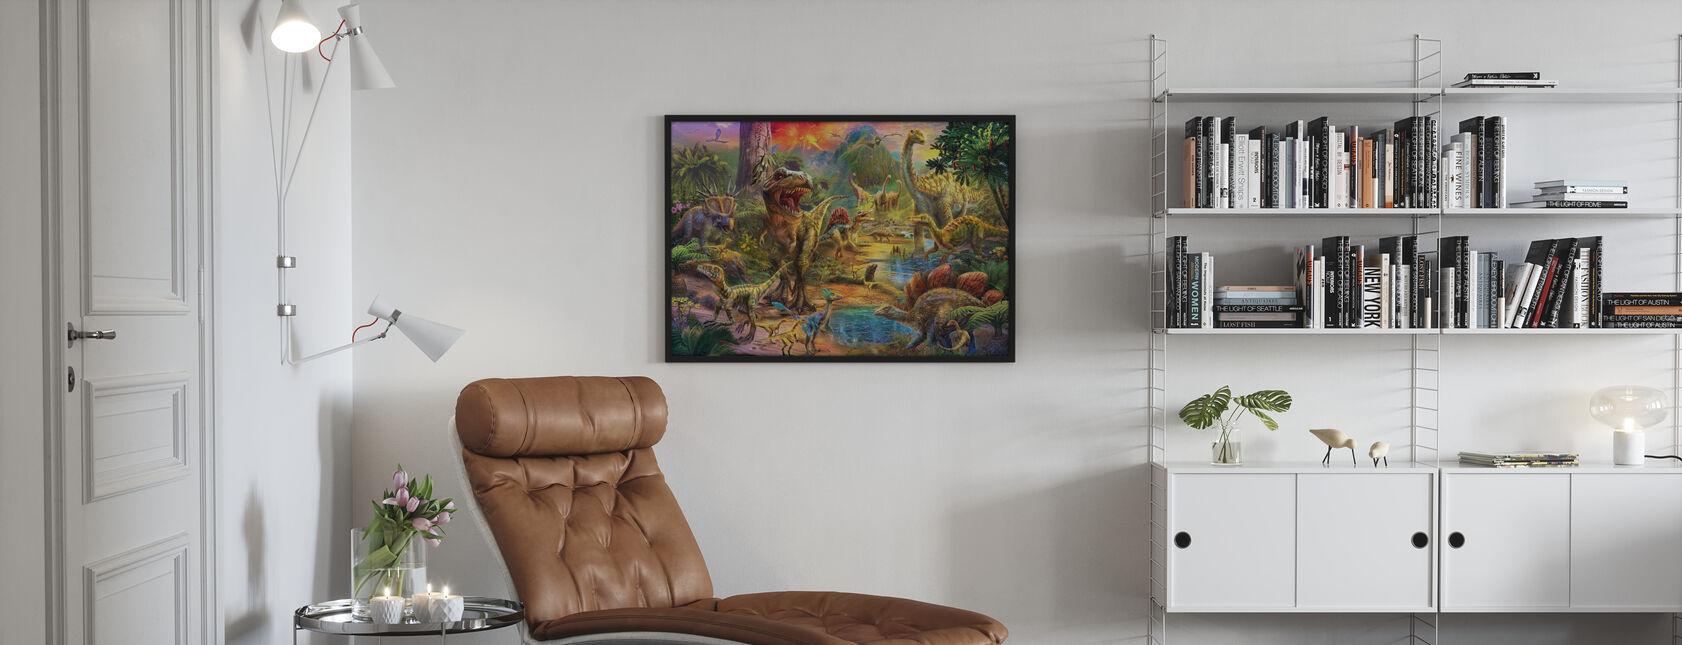 Landschap van Dinosaurussen - Poster - Woonkamer